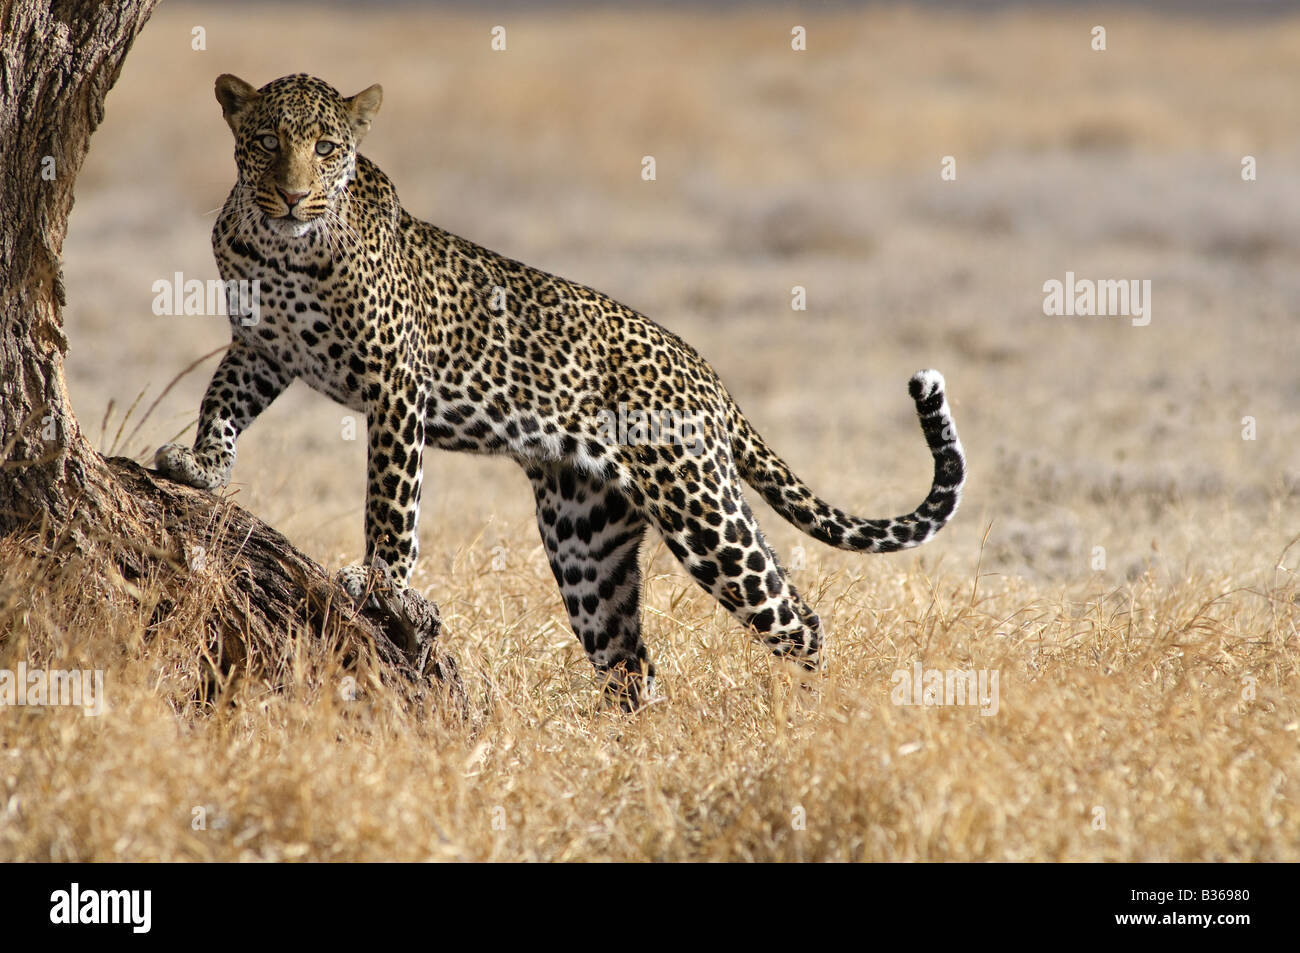 African Leopard, male attempting to climb into a tree (Panthera pardus), Ndutu, Ngorongoro, Tanzania Stock Photo